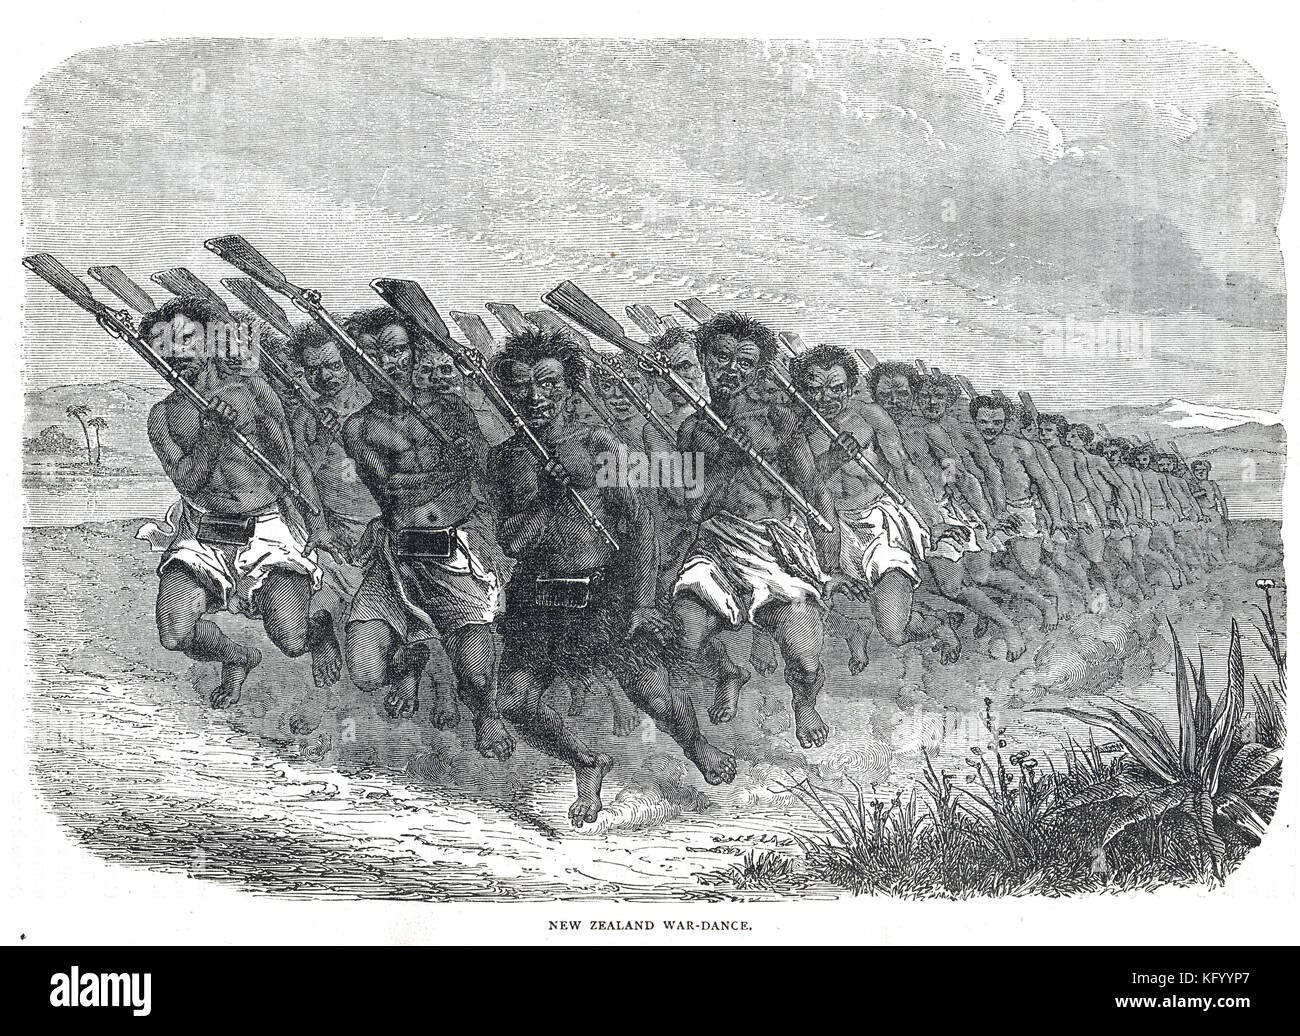 Haka, Maori war-dance, New Zealand Wars, 1845 to 1872